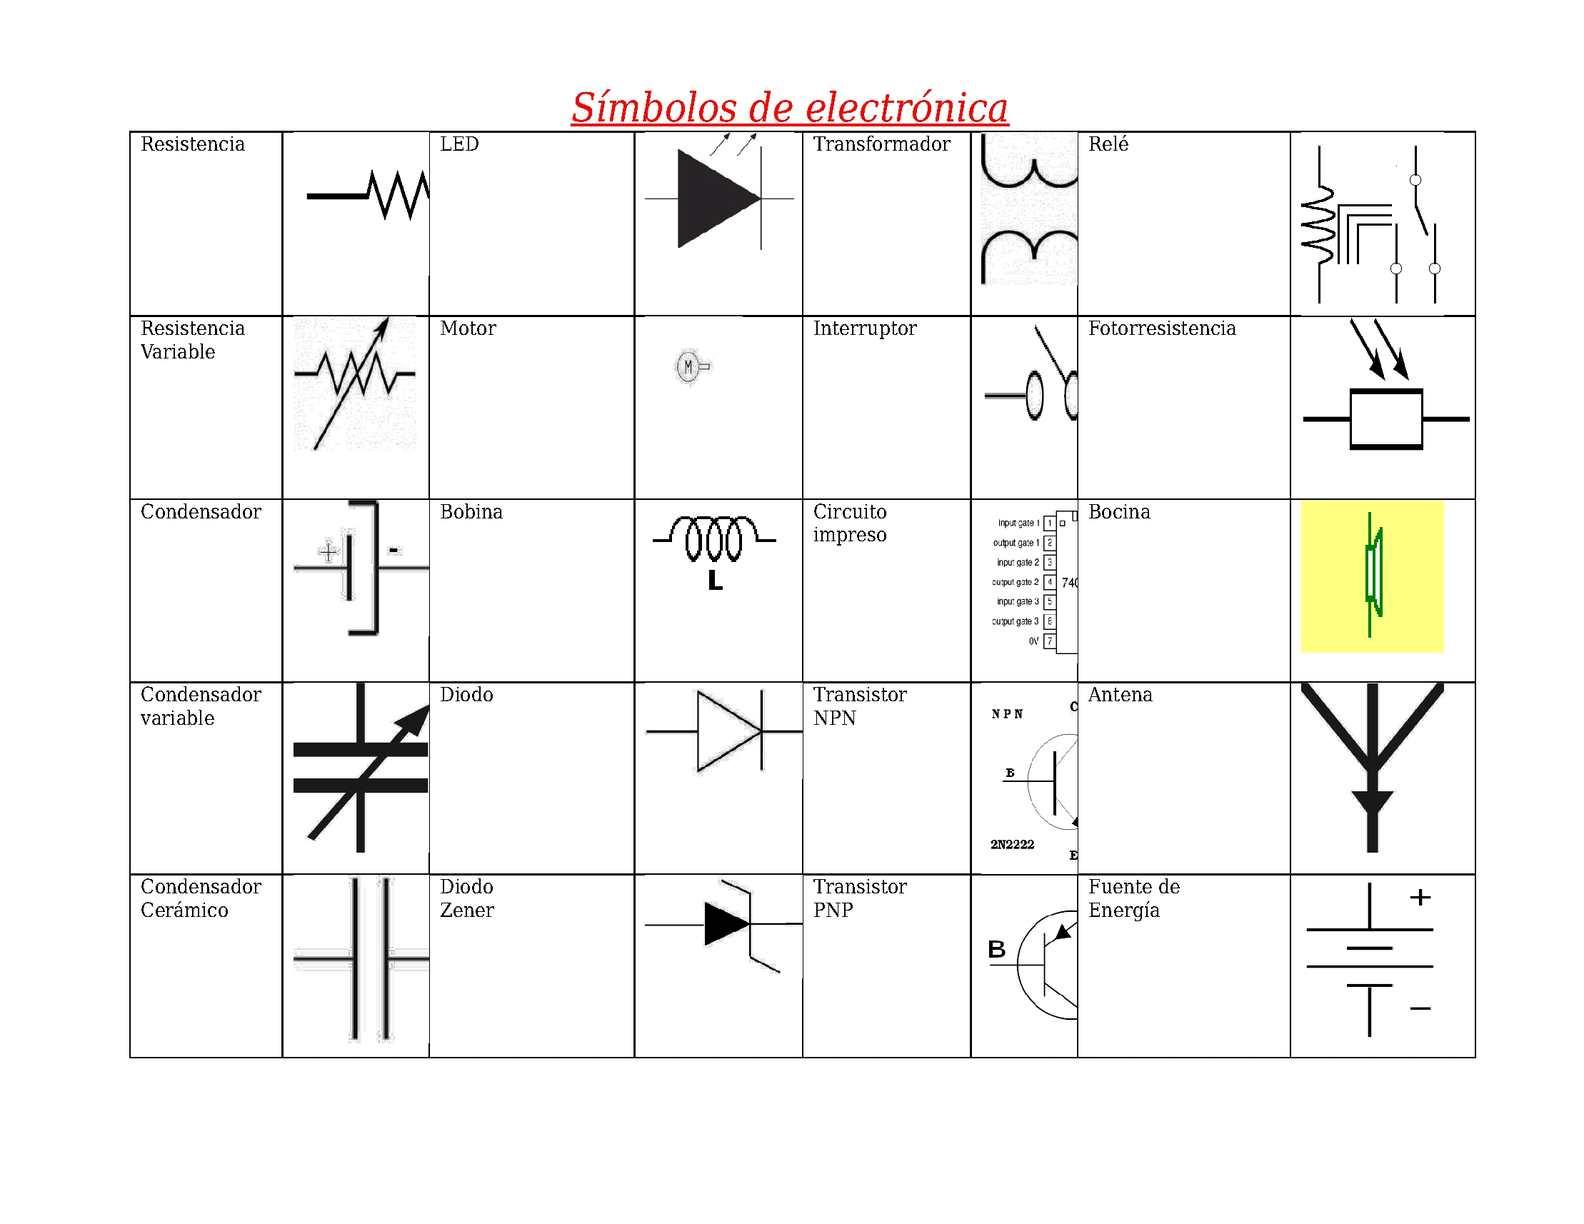 Circuito Zener : Calaméo símbolos de electrónica